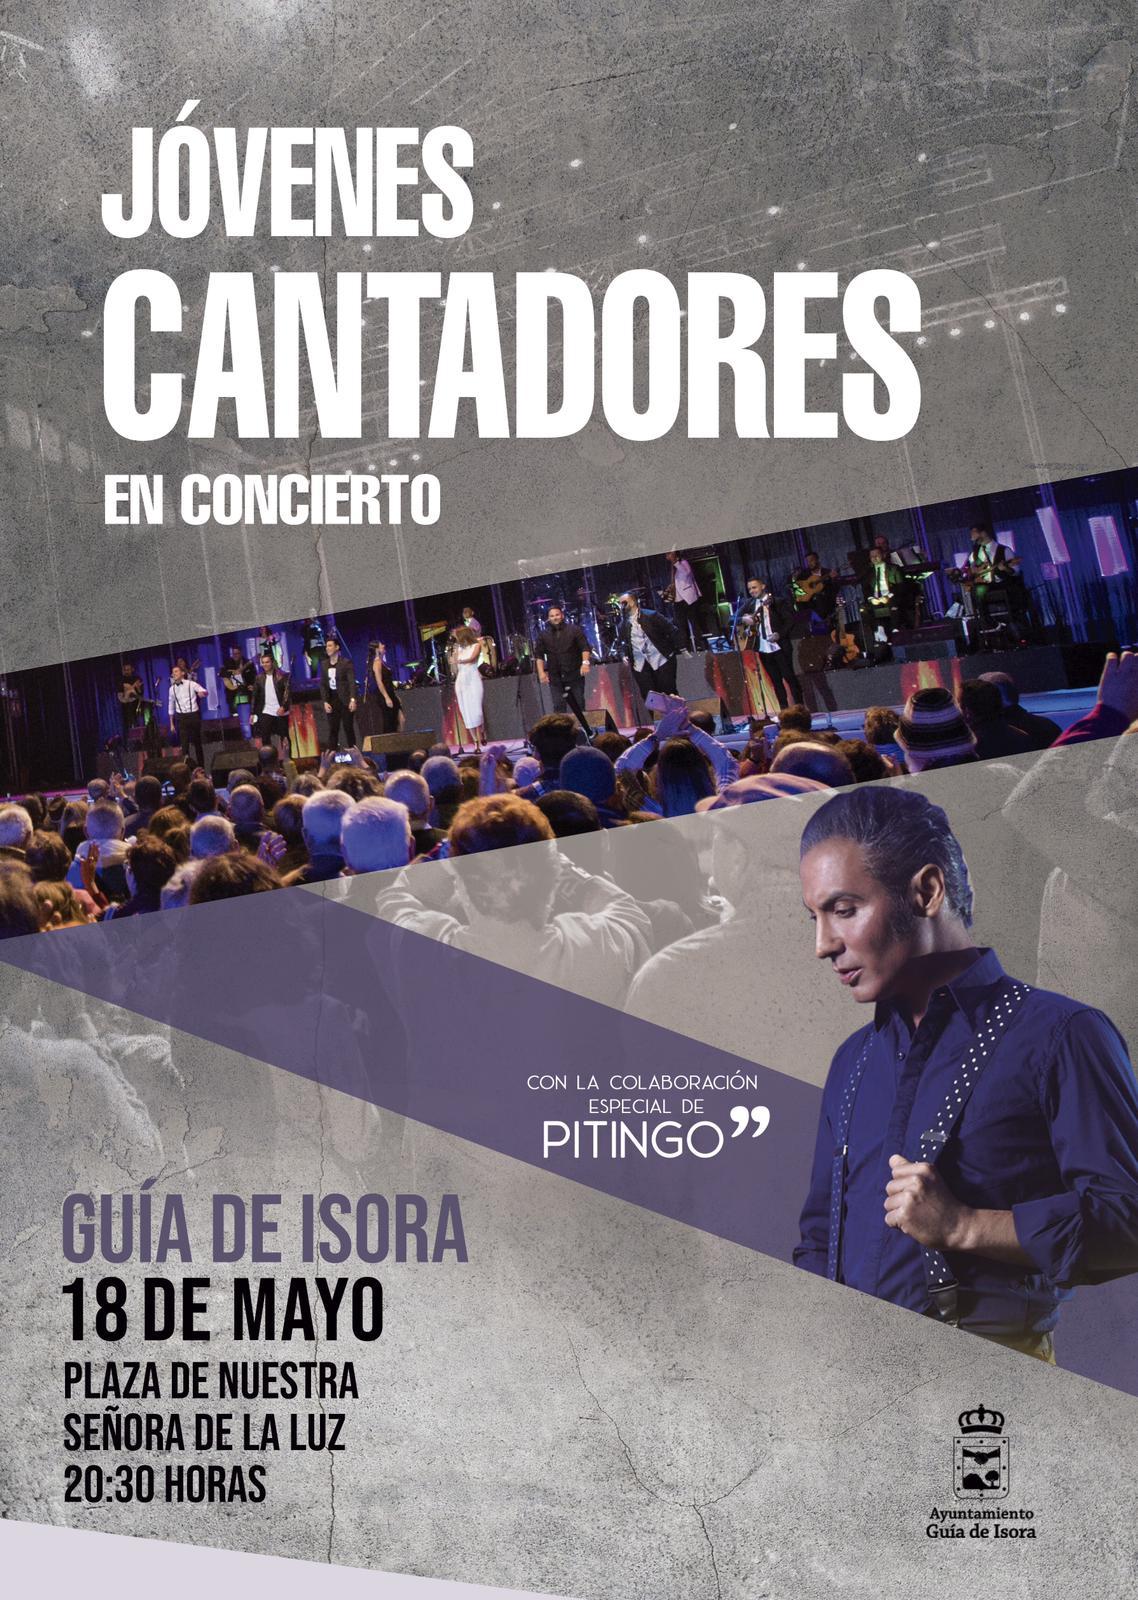 Cartel jóvenes cantadores_Pitingo